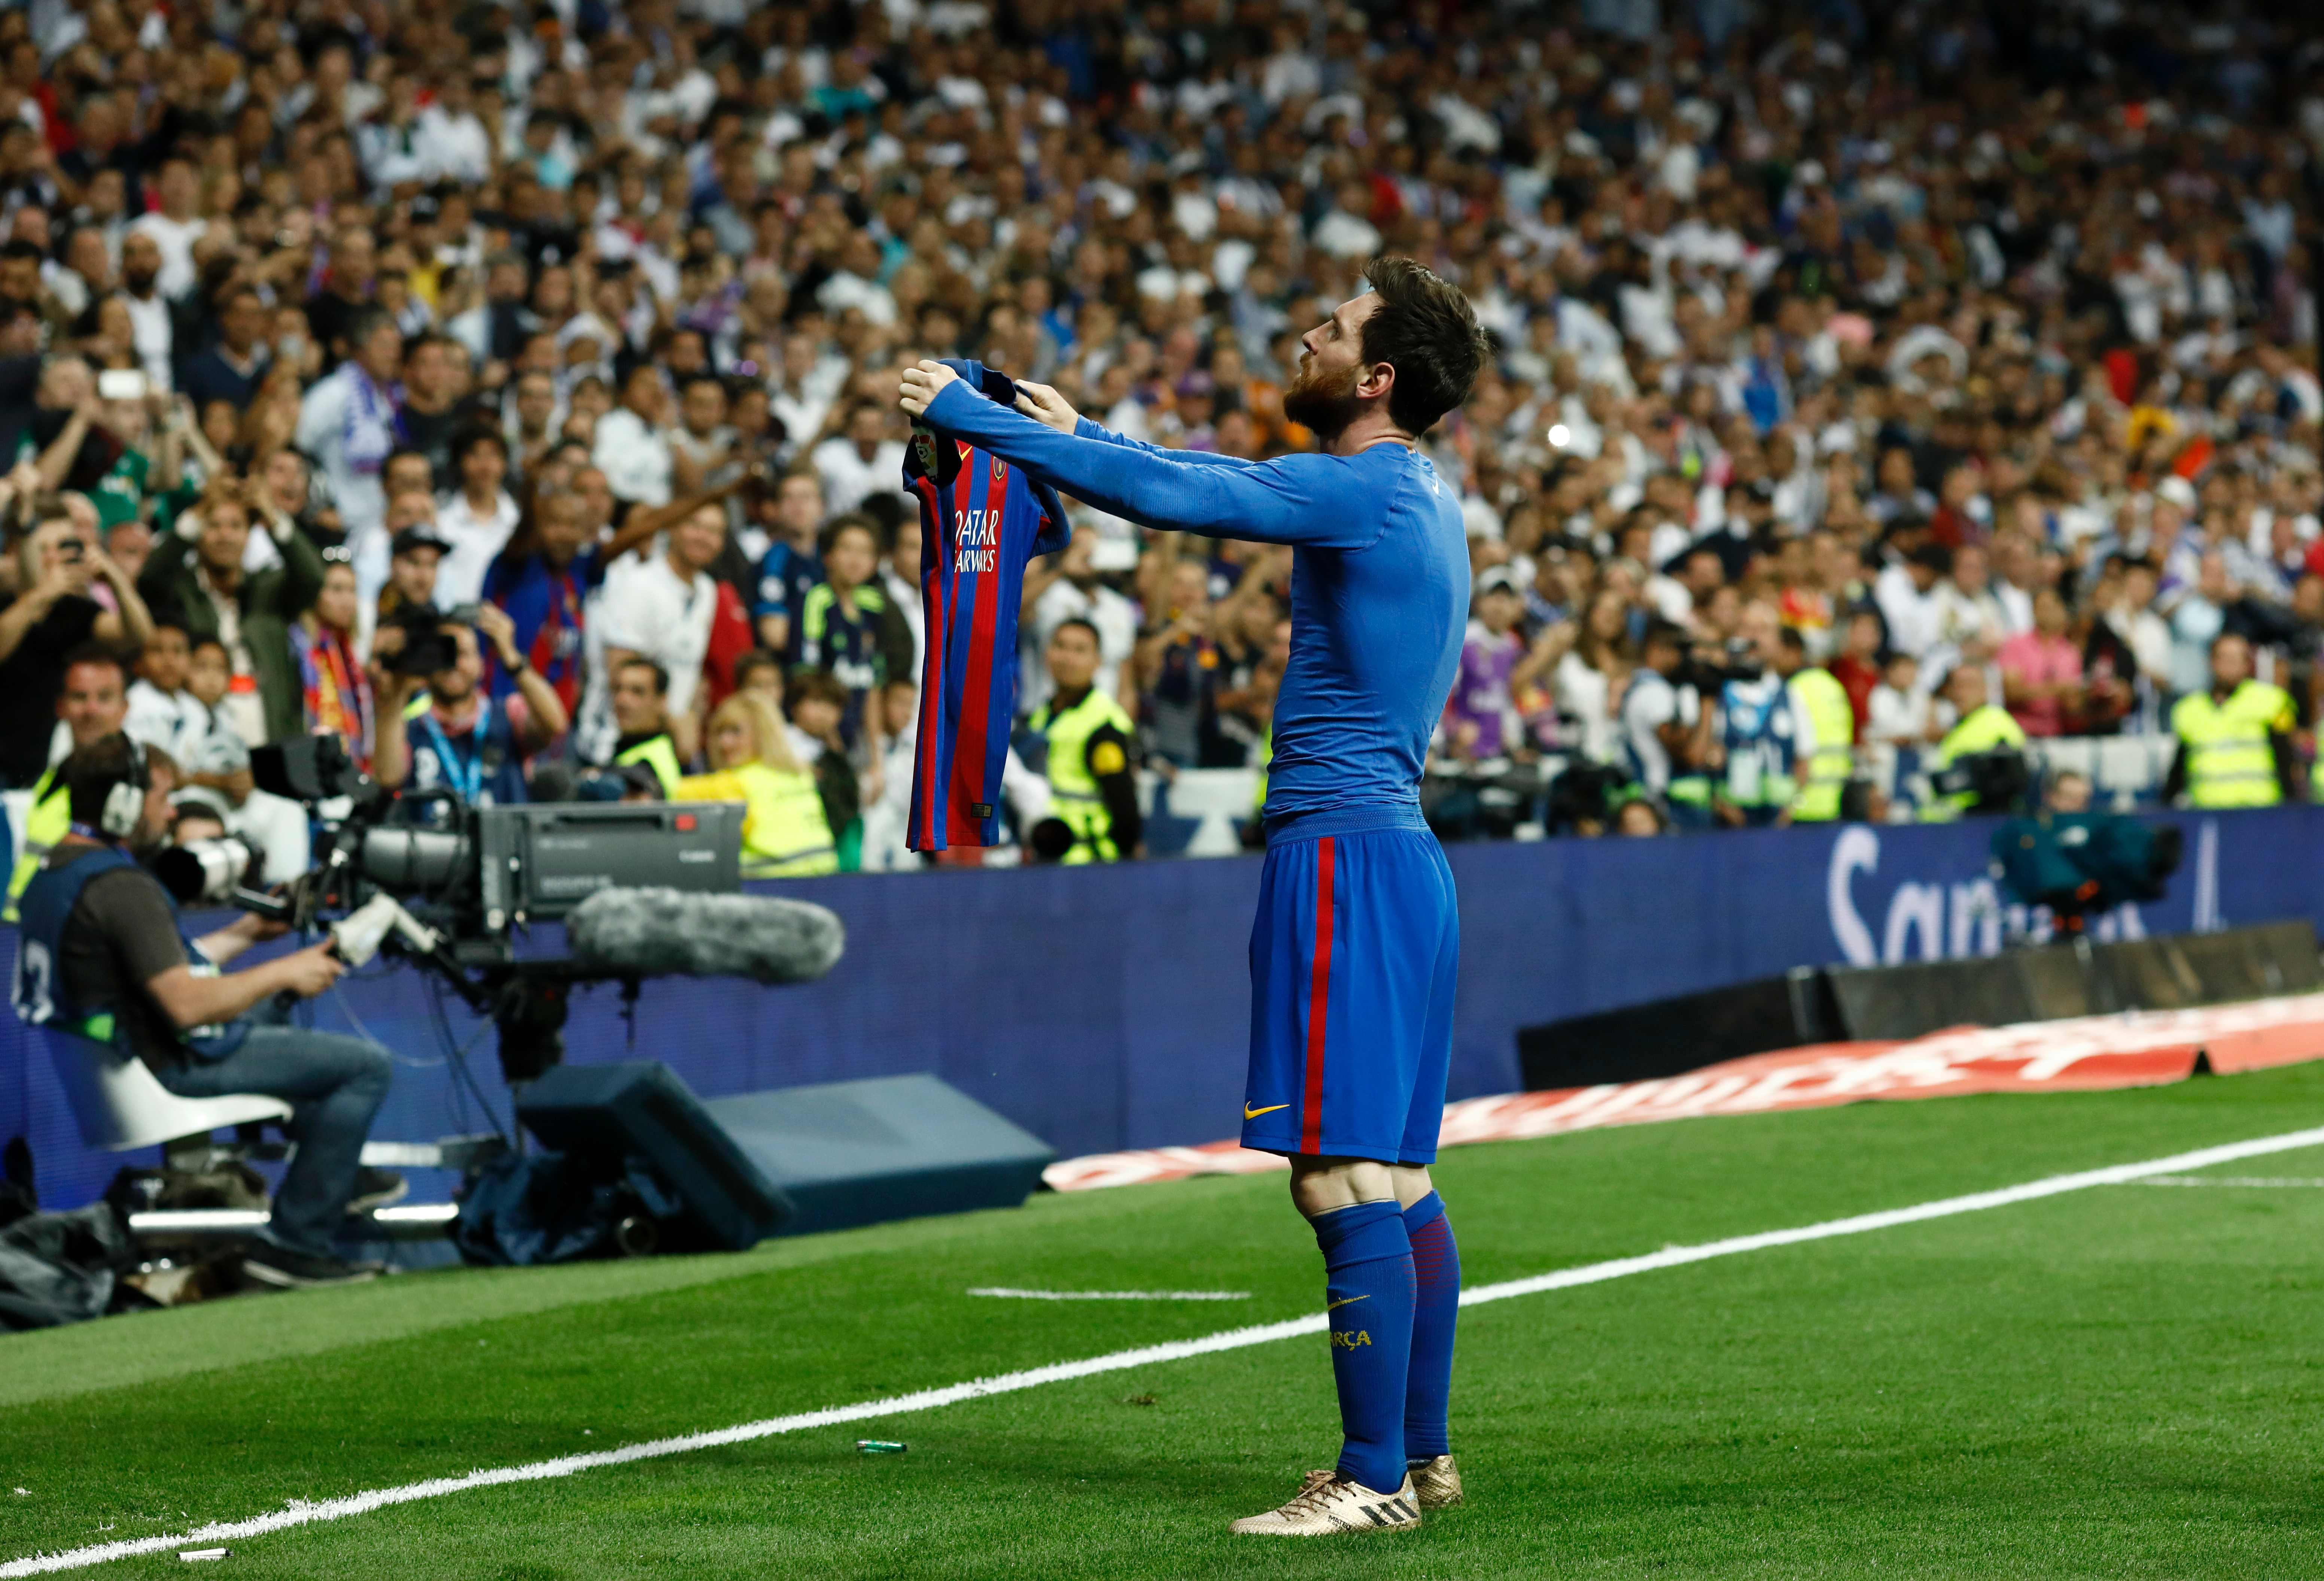 Messi, Nadal, Mladenovic : les 10 images fortes du week-end